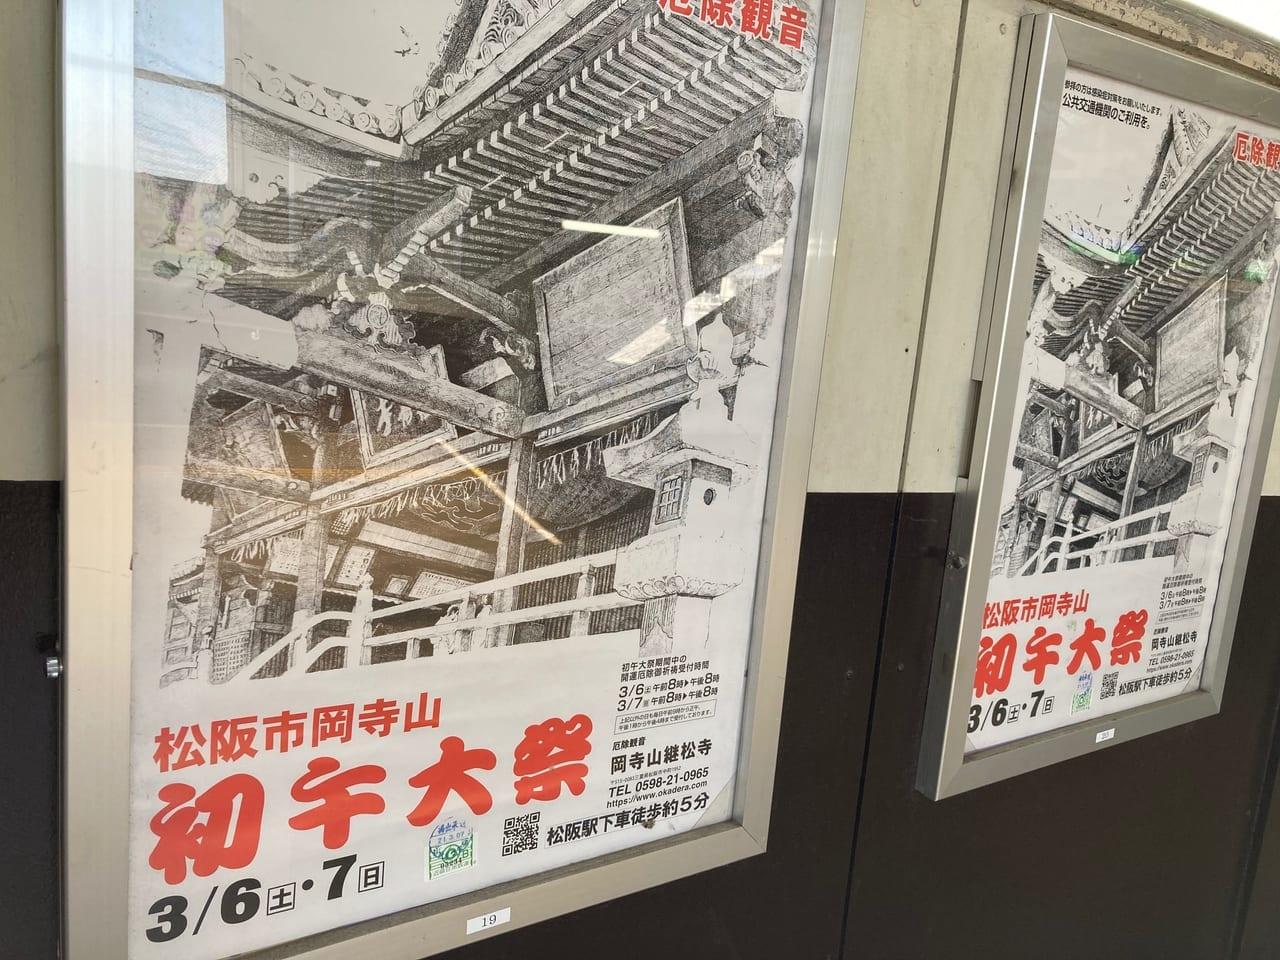 松阪駅に貼ってある2021年3月初午大祭のポスター